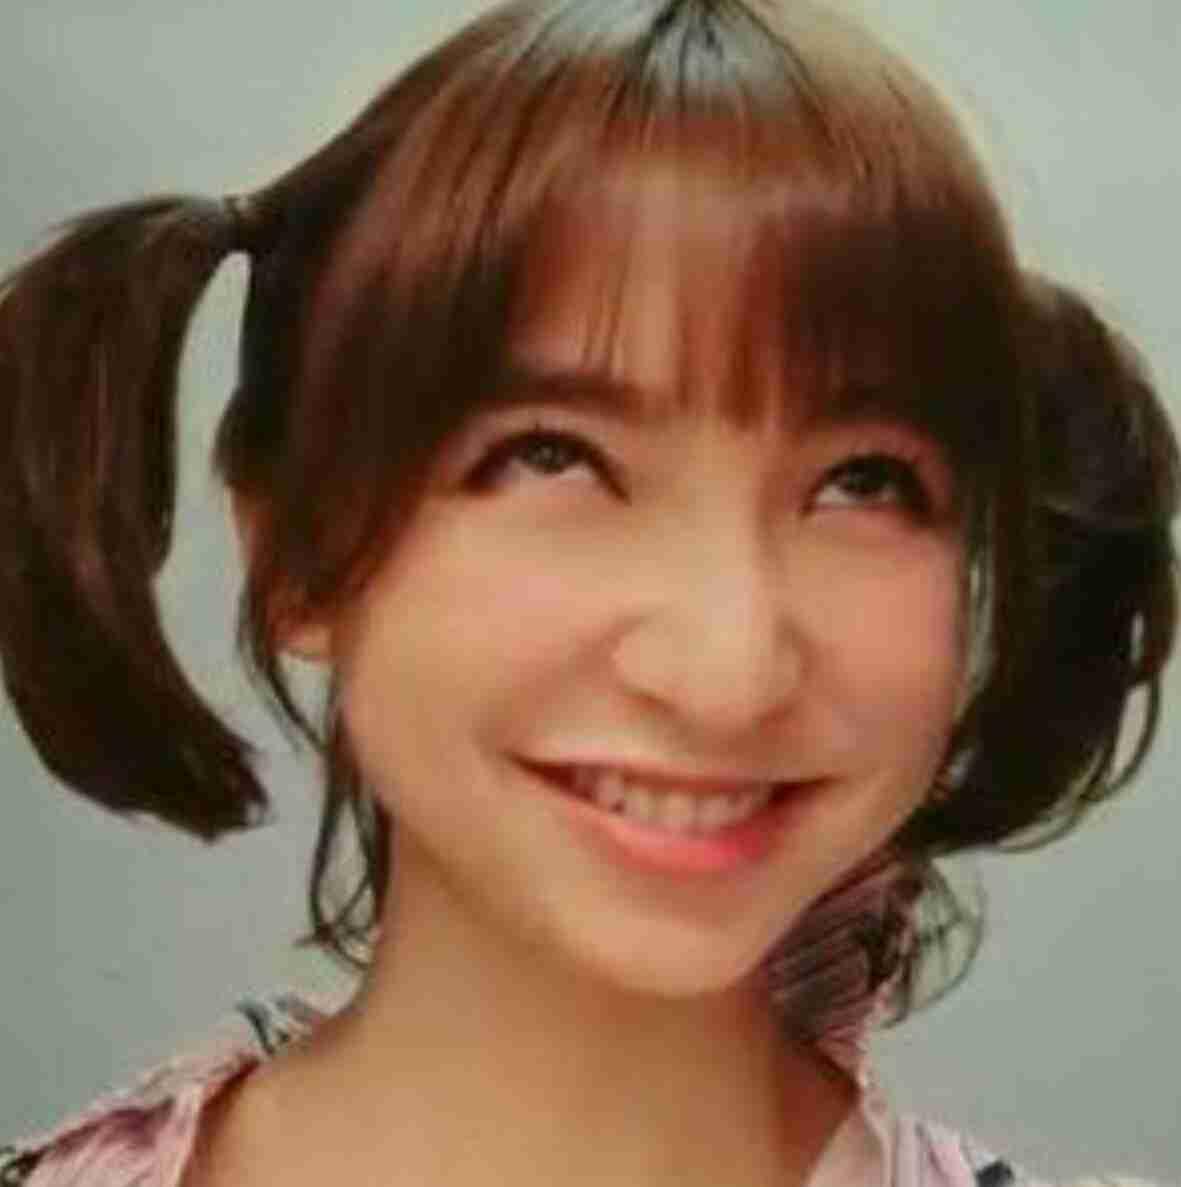 大島優子の渾身変顔に「すんげー顔だな(笑)」